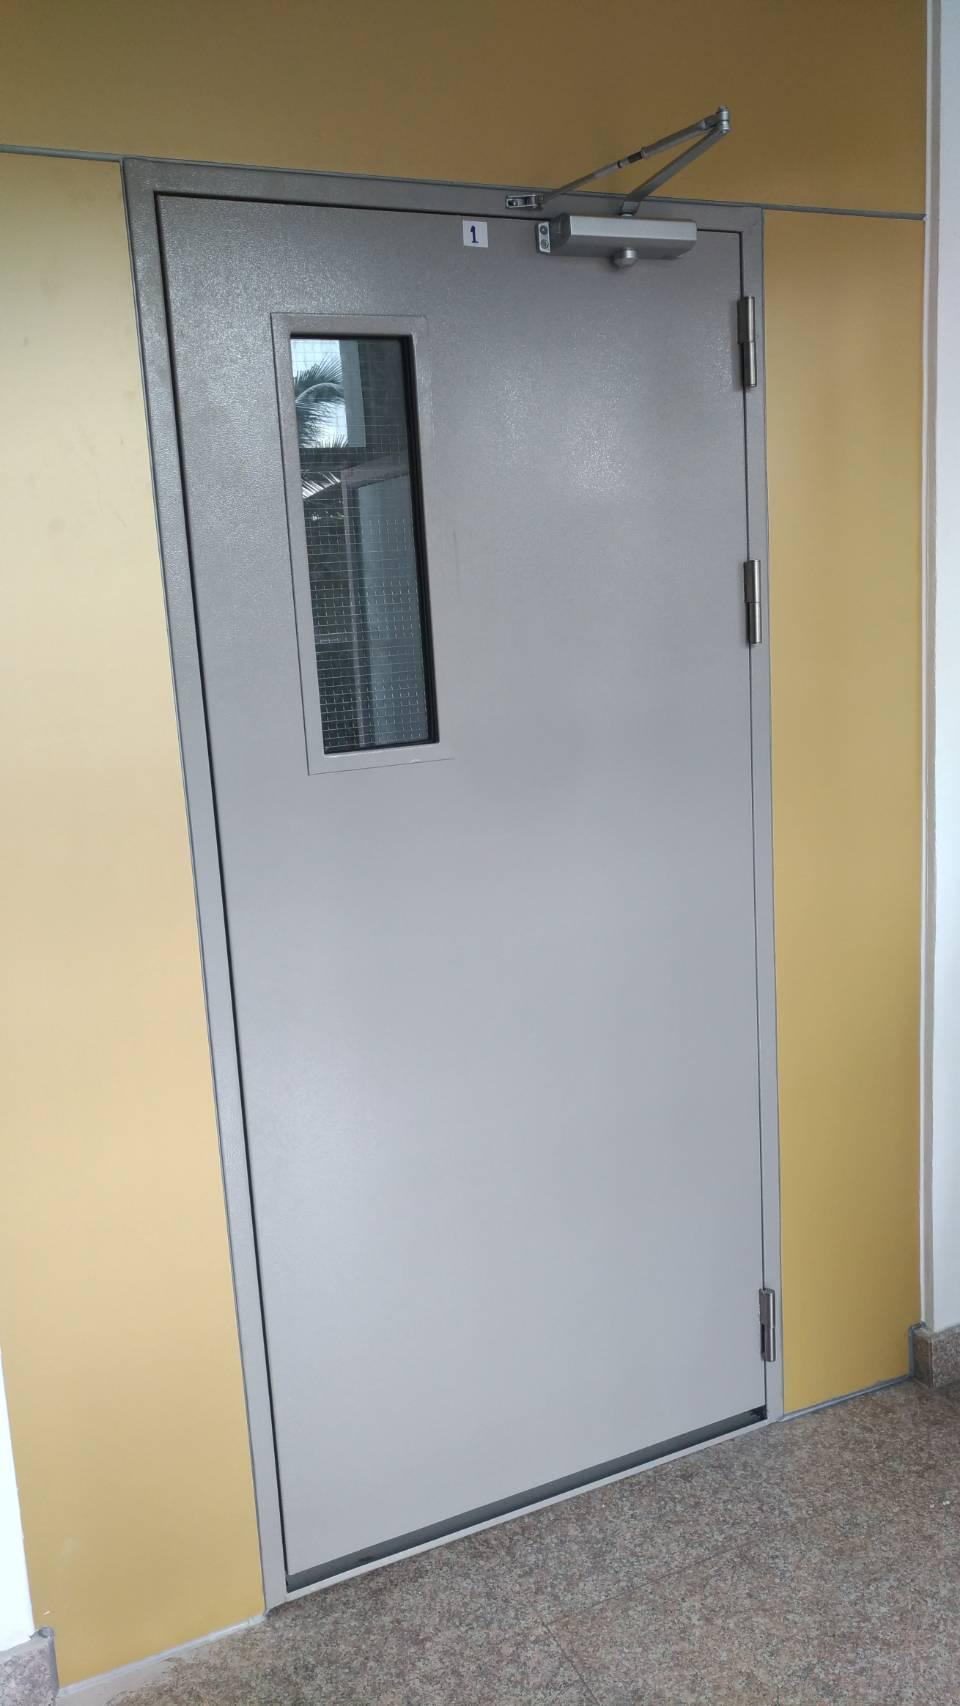 ขาย  ประตูเหล็ก ประตูหนีไฟ วงกบเหล็กงานต่างๆ ประตูไฟเบอร์กลาส ขายถูกๆโรงงานมาเอง  ติดต่อฝน 088-5576671